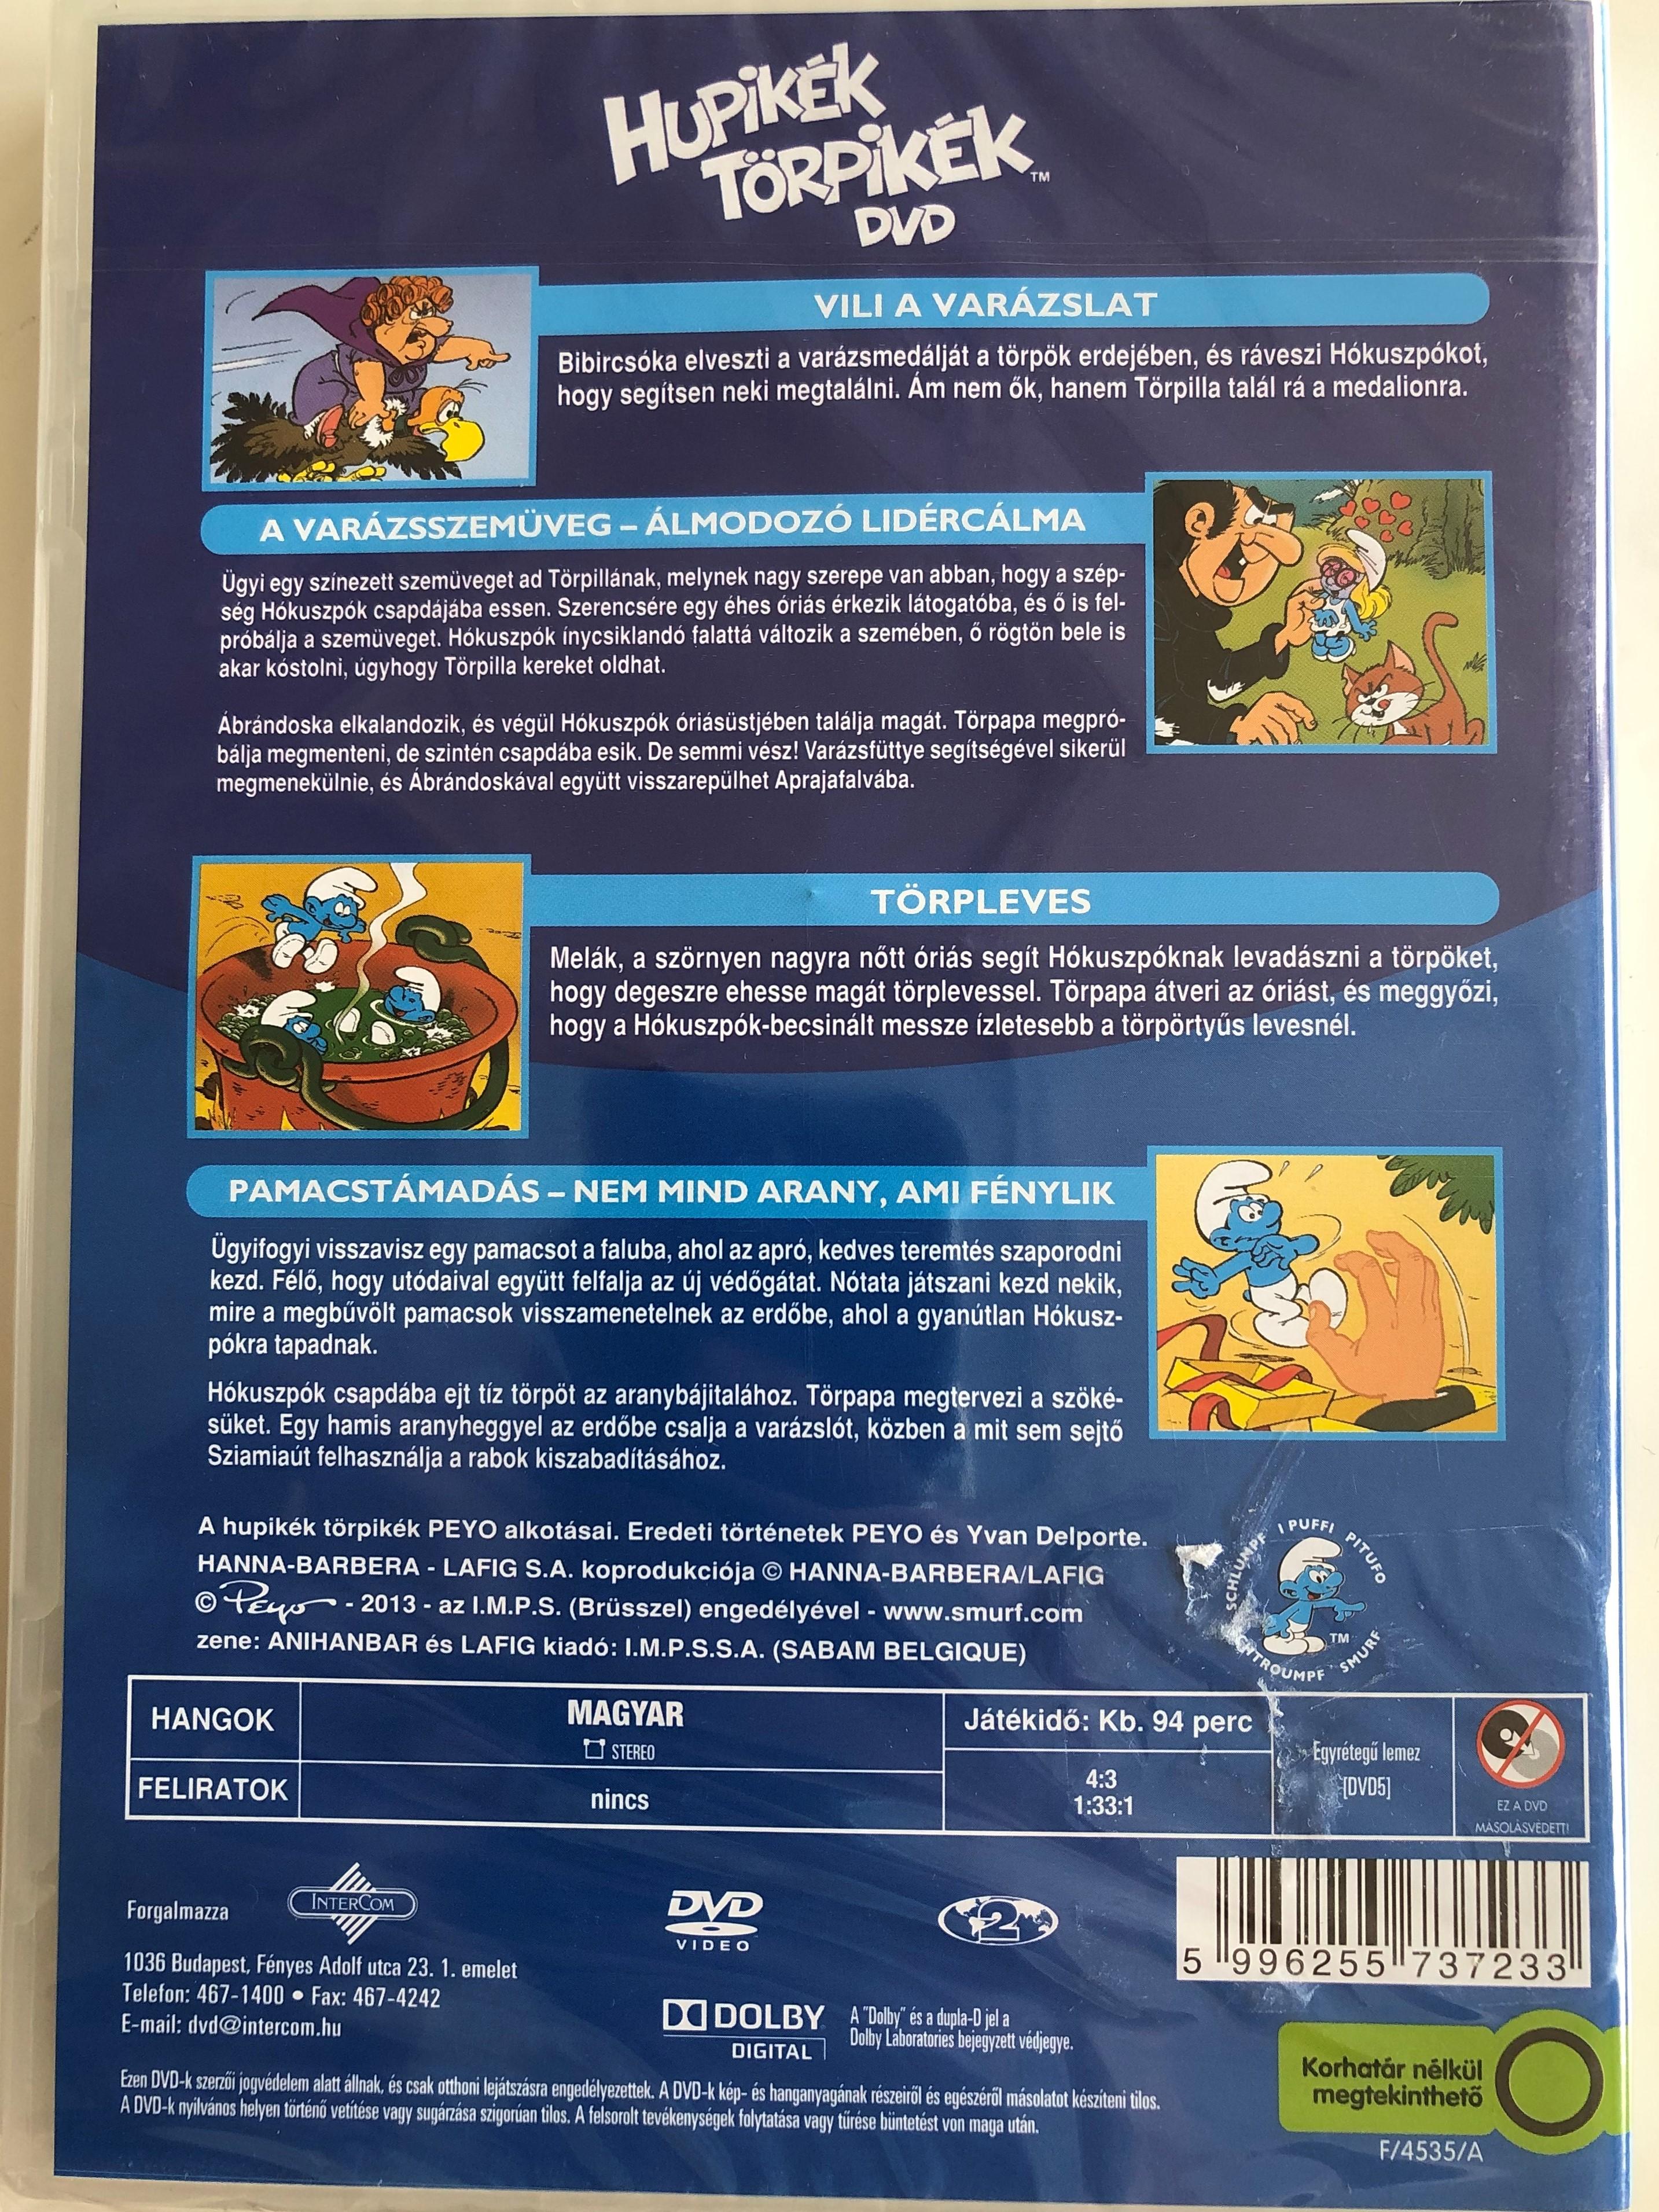 smurfs-2.-dvd-1982-hupik-k-t-rpik-k-2.-episodes-from-season-2-created-by-peyo-2.jpg